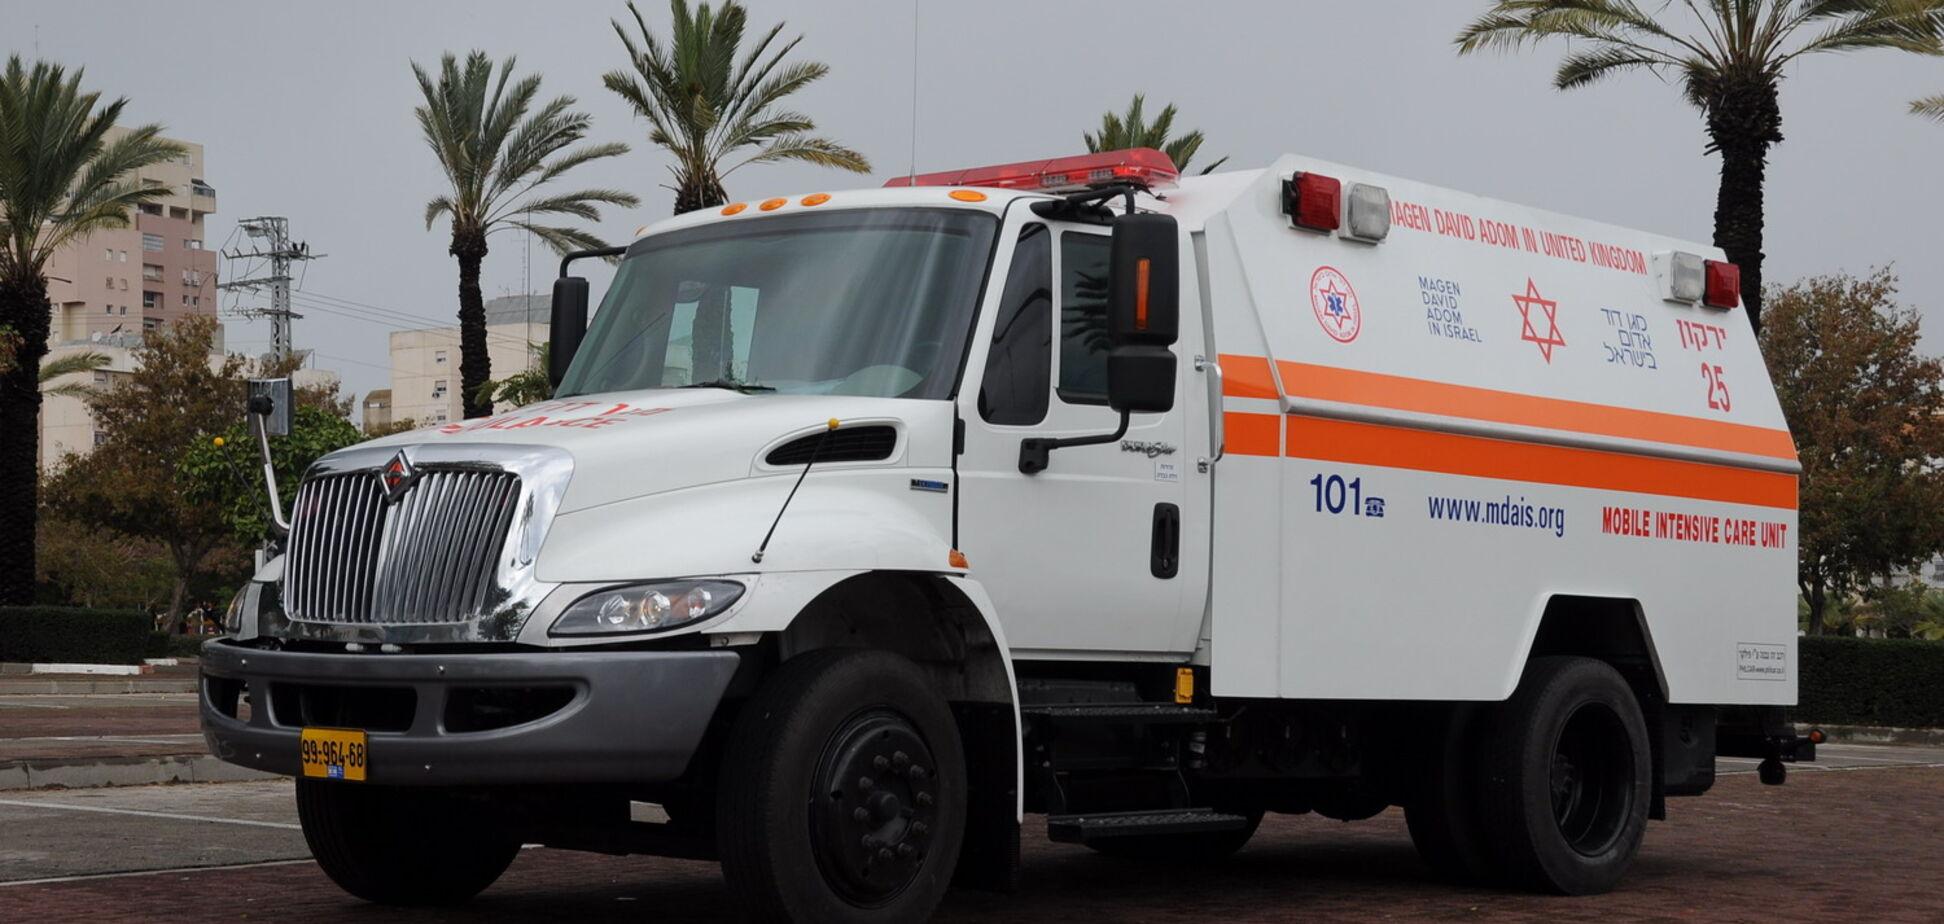 10 вещей, которые вы не знали  об израильской службе скорой помощи